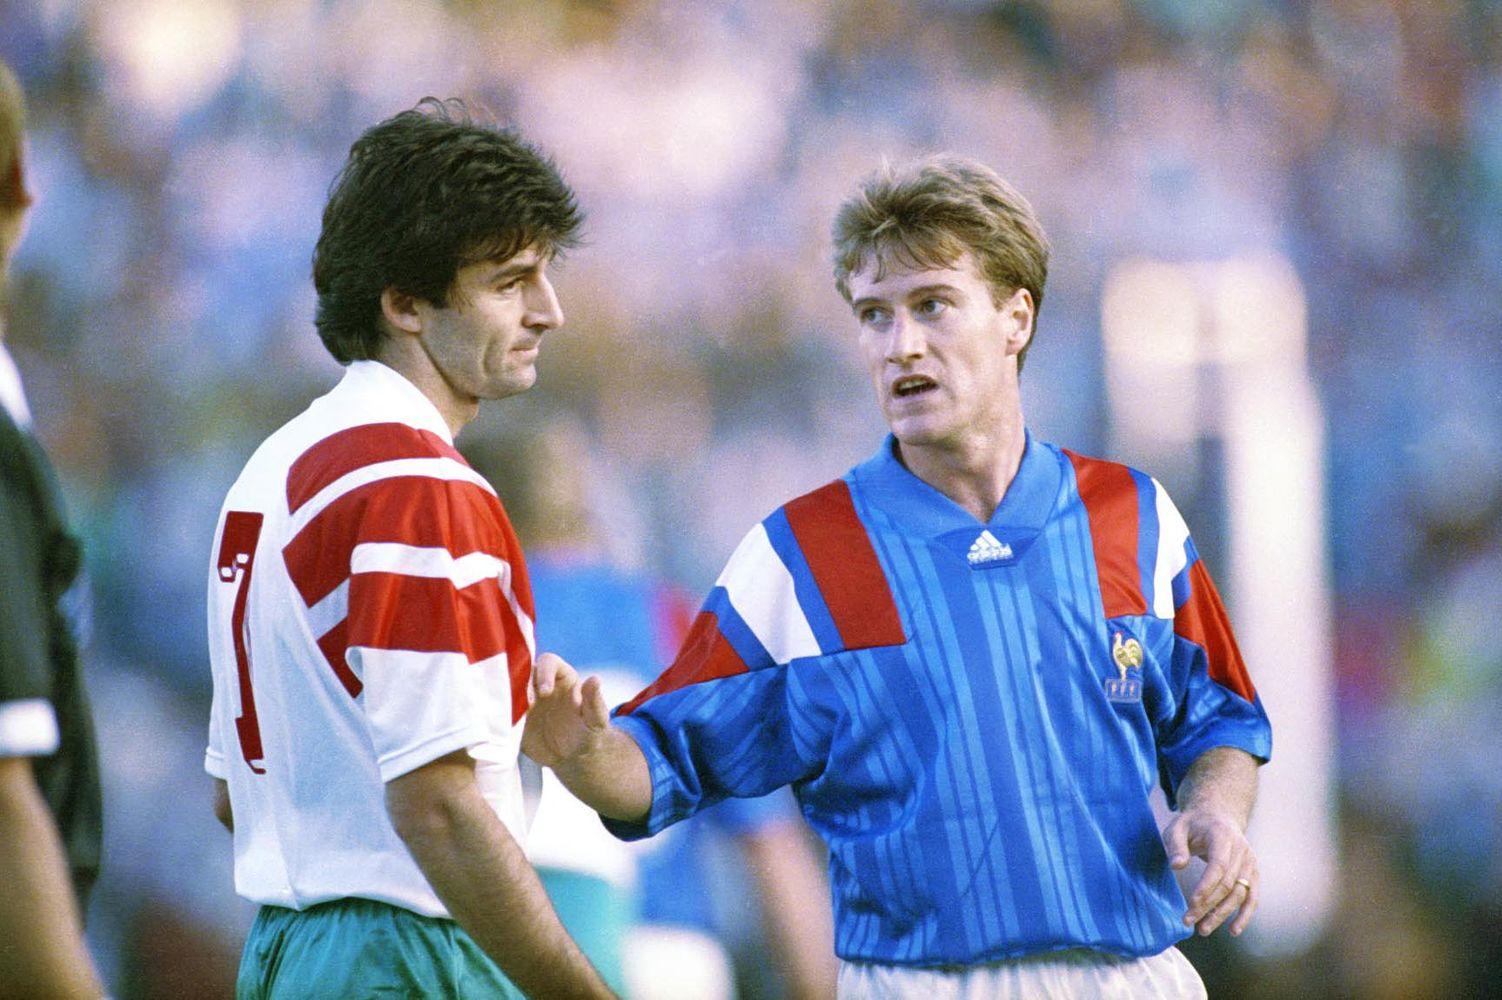 Grâce son but à la dernière minute lors de l'ultime match des éliminatoires pour la Coupe du Monde 1994, Emil Kostadinov prive la France de Didier Deschamps du Mondial américain.